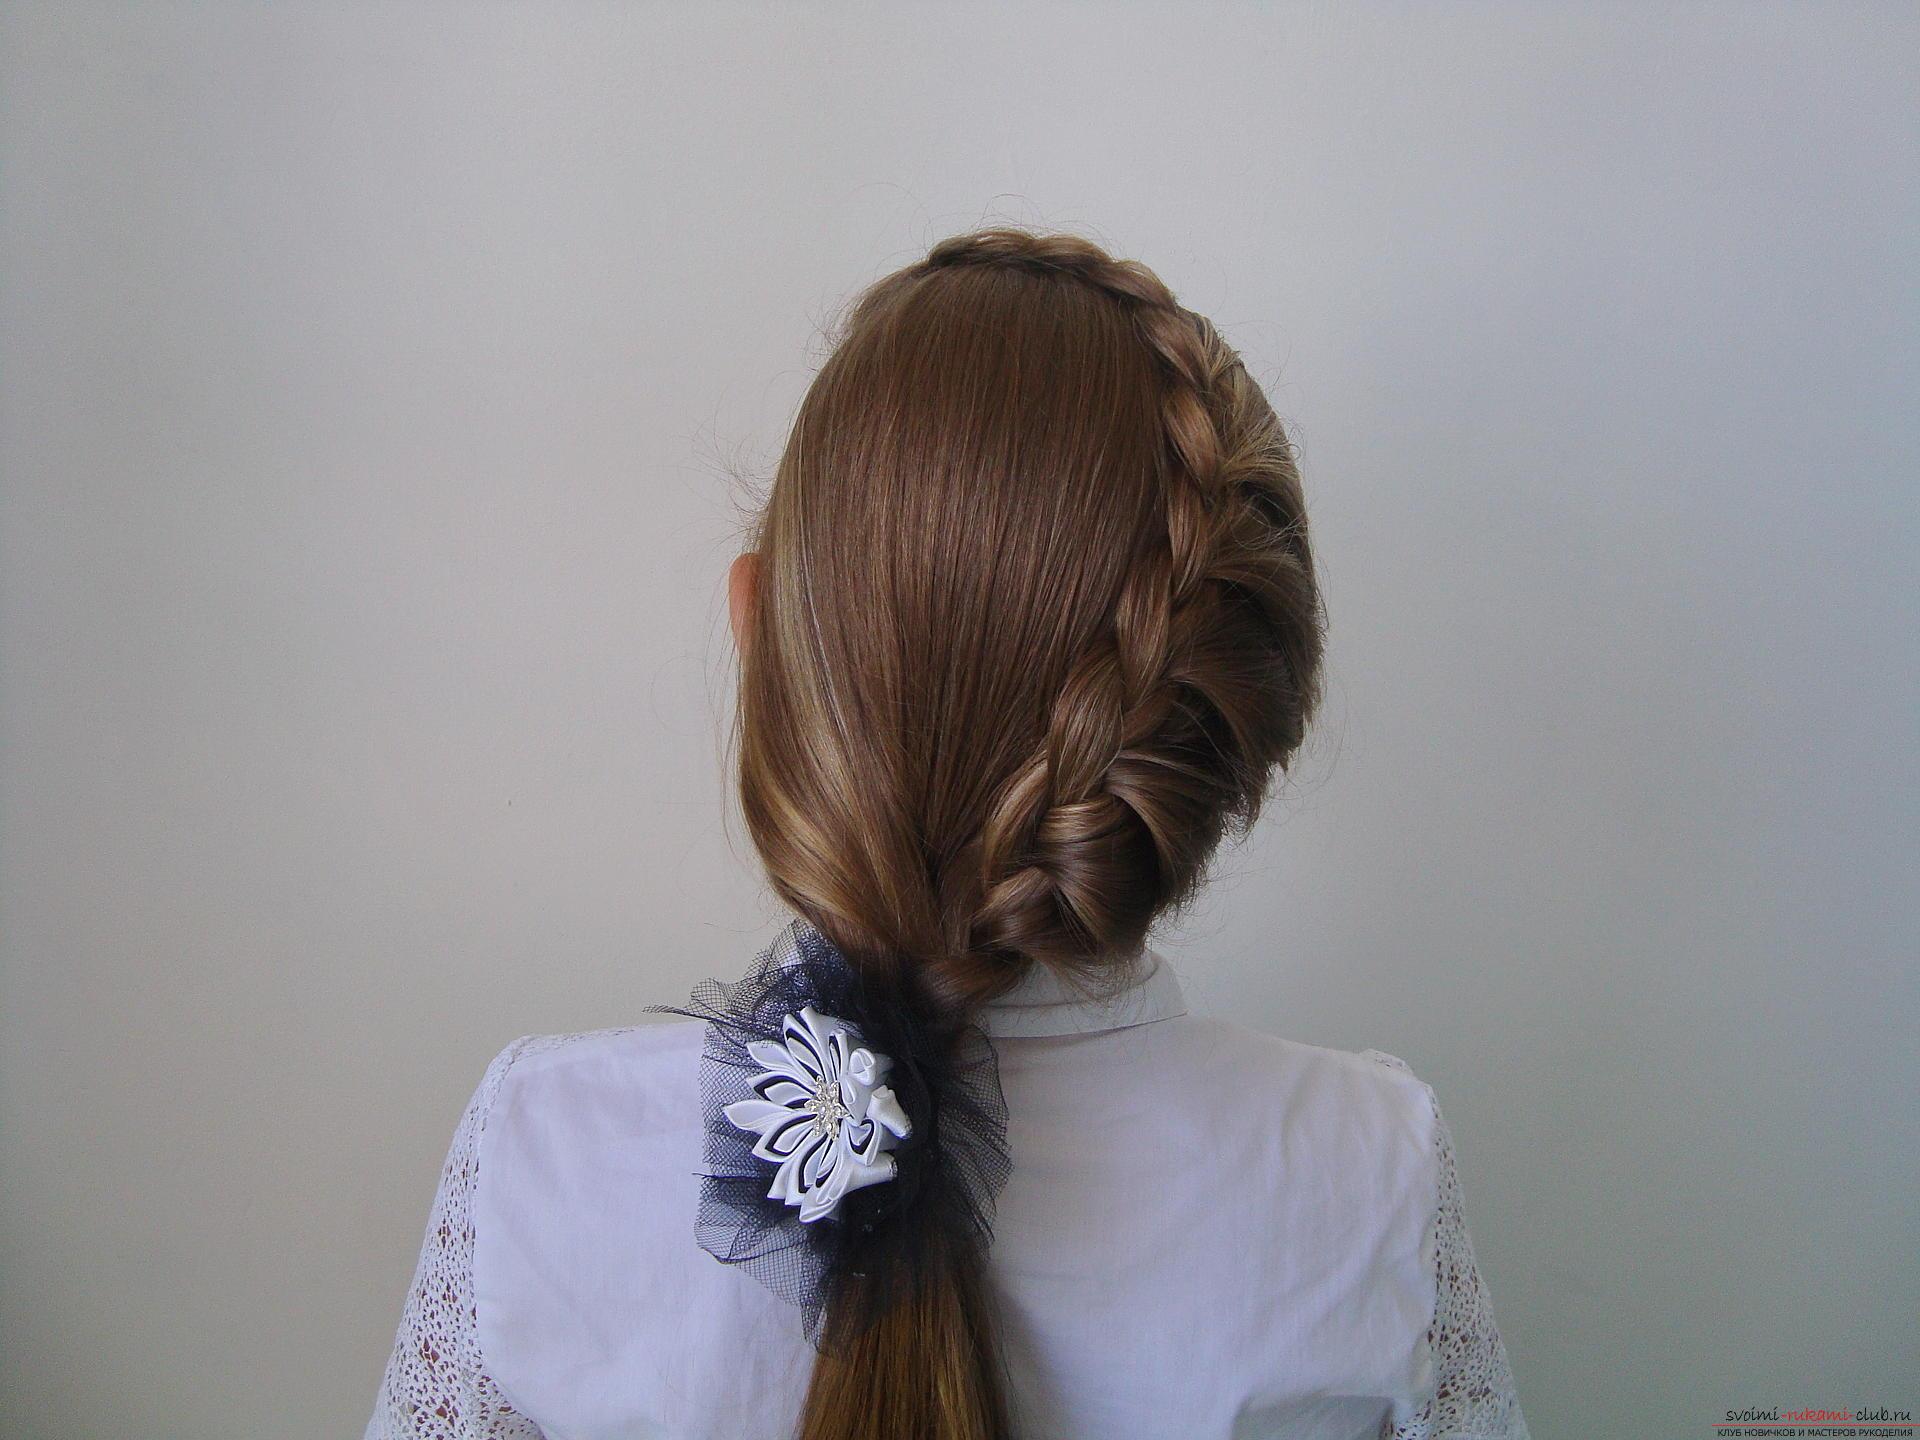 Урок по плетению косы на длинные волосы для девочки в школу. Фото №11